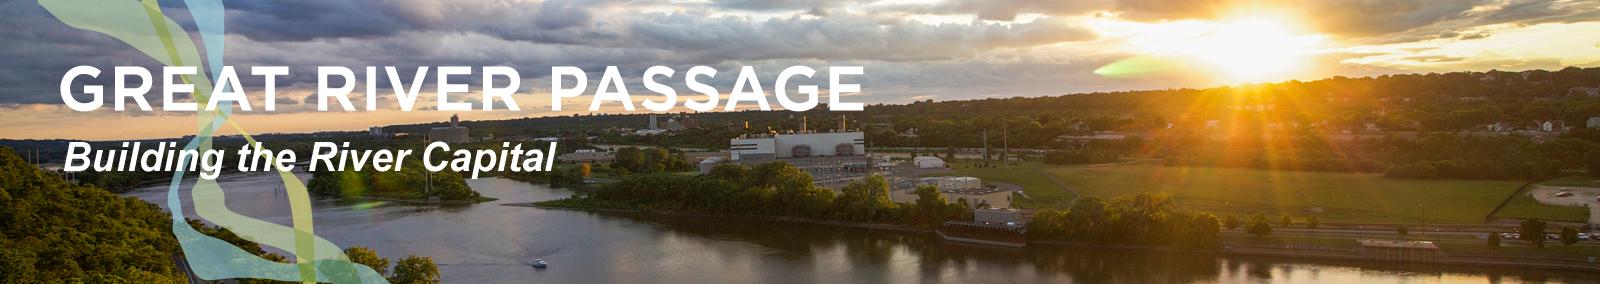 Great River Passage Mississippi River Banner Image 2019.jpg